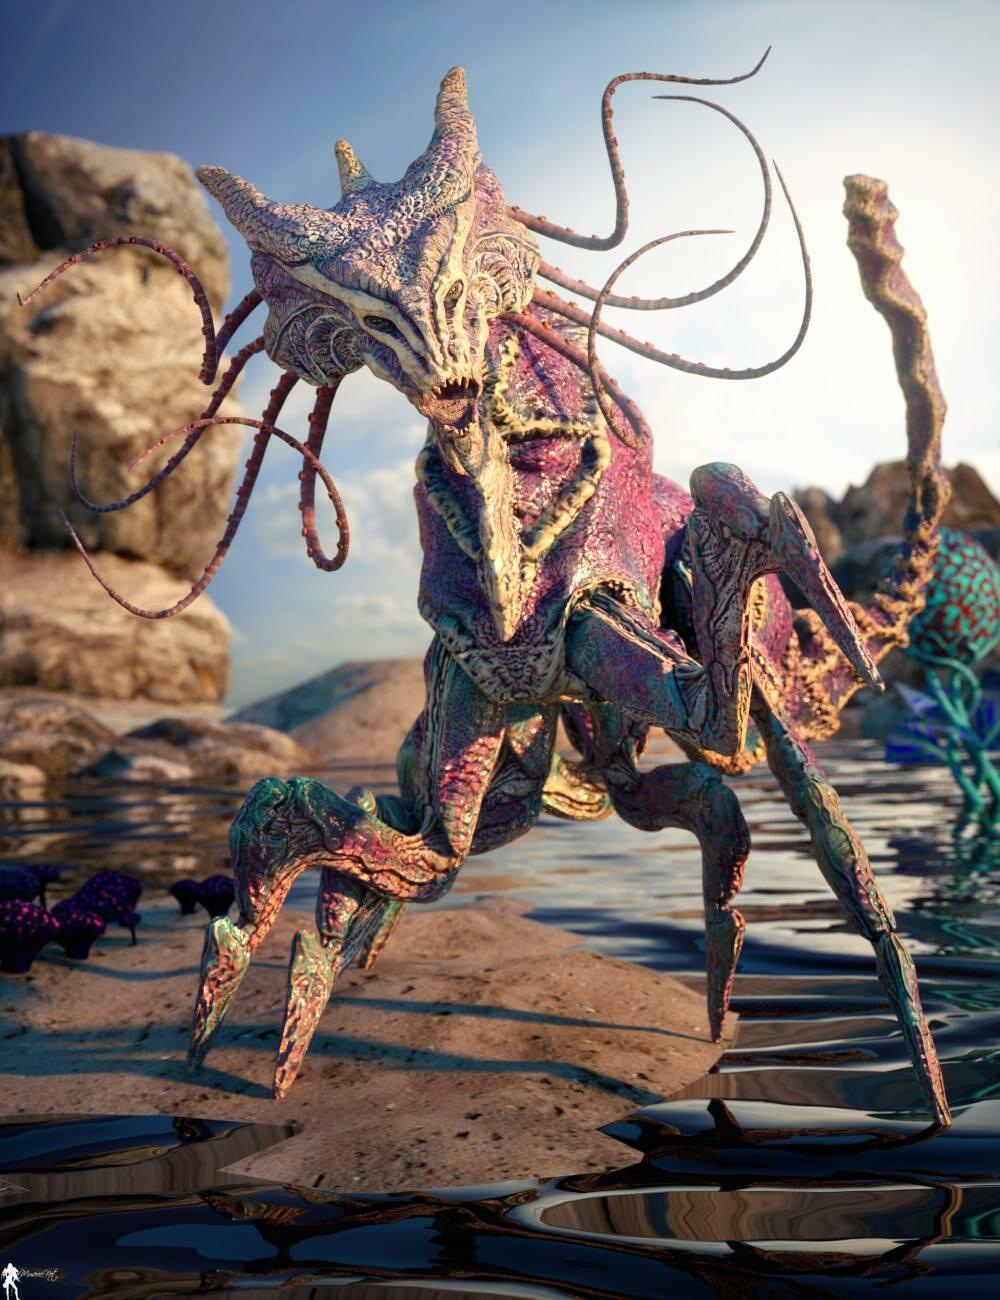 Creature by Les L. Garner Render by Antoine LaMuserie